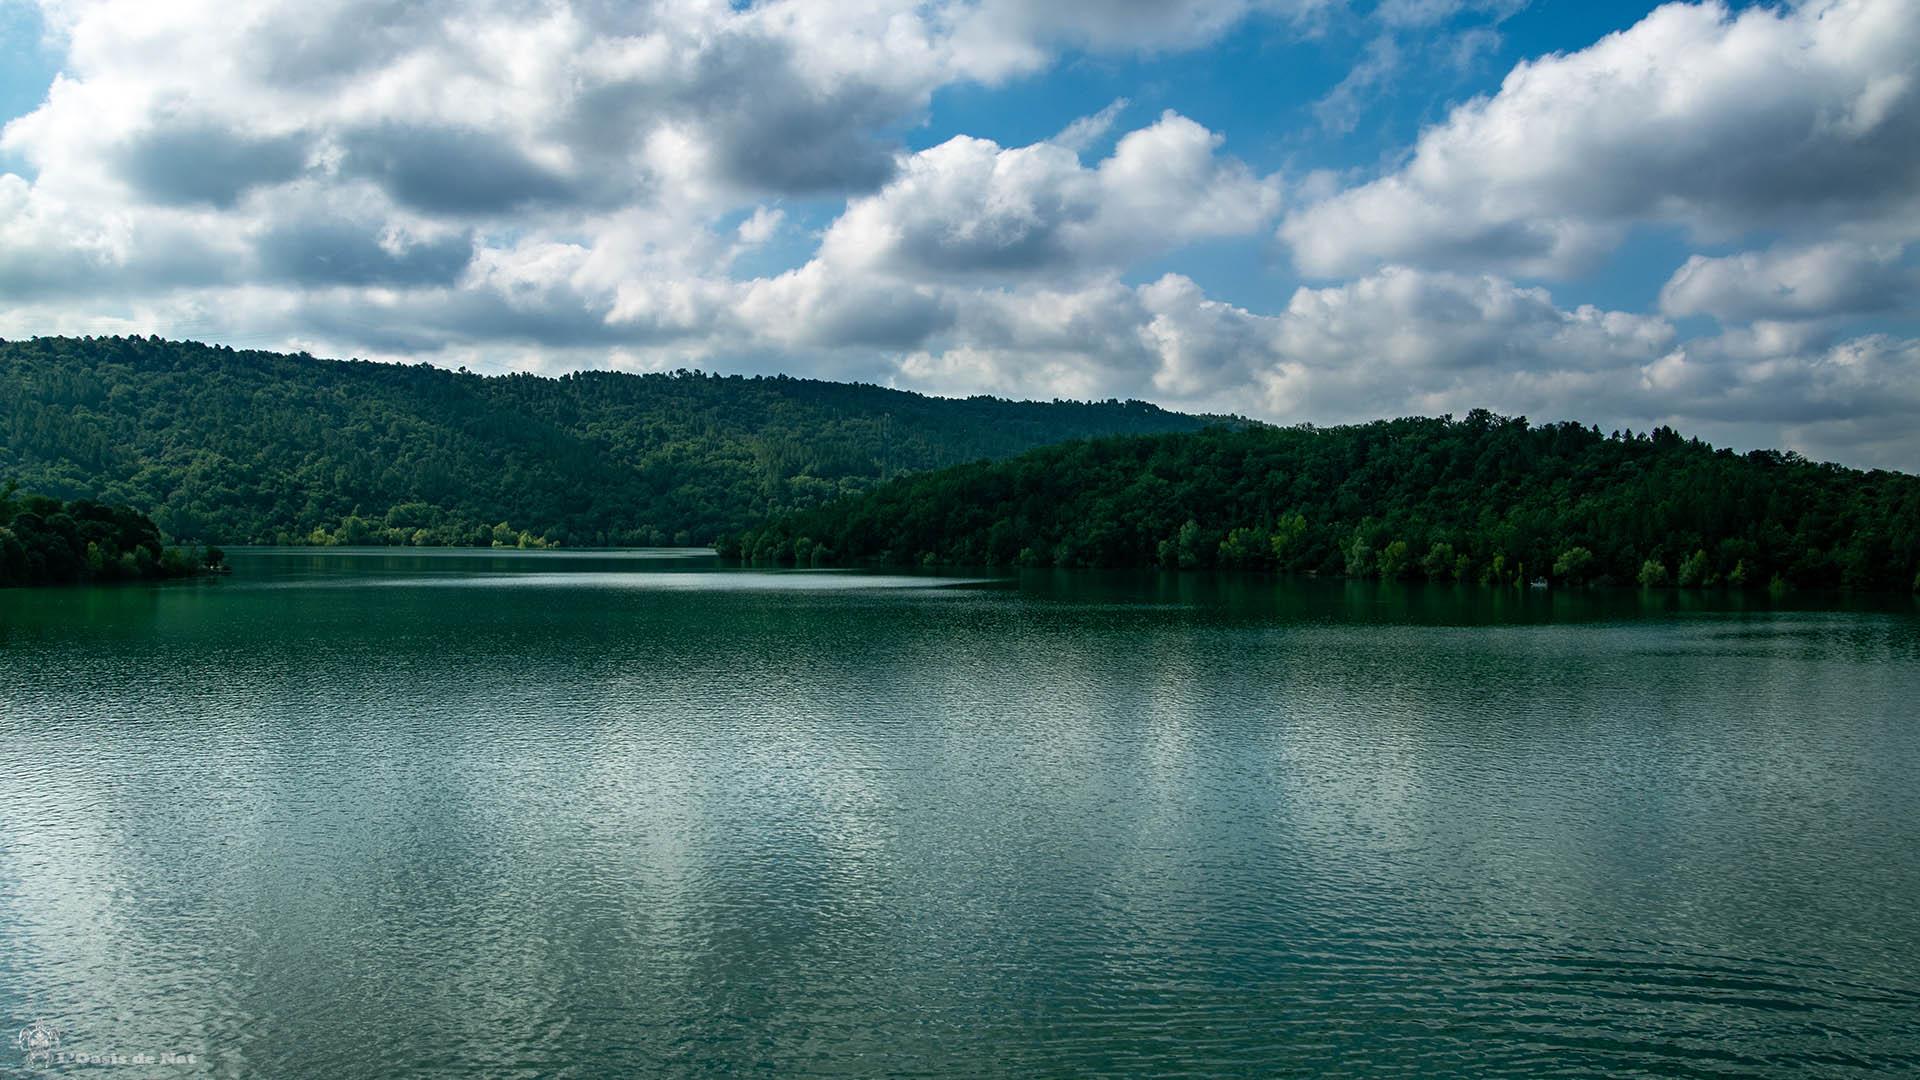 Lac de Saint Cassien_france-Alpes côte d'azur provence_l'oasis de nat (2)